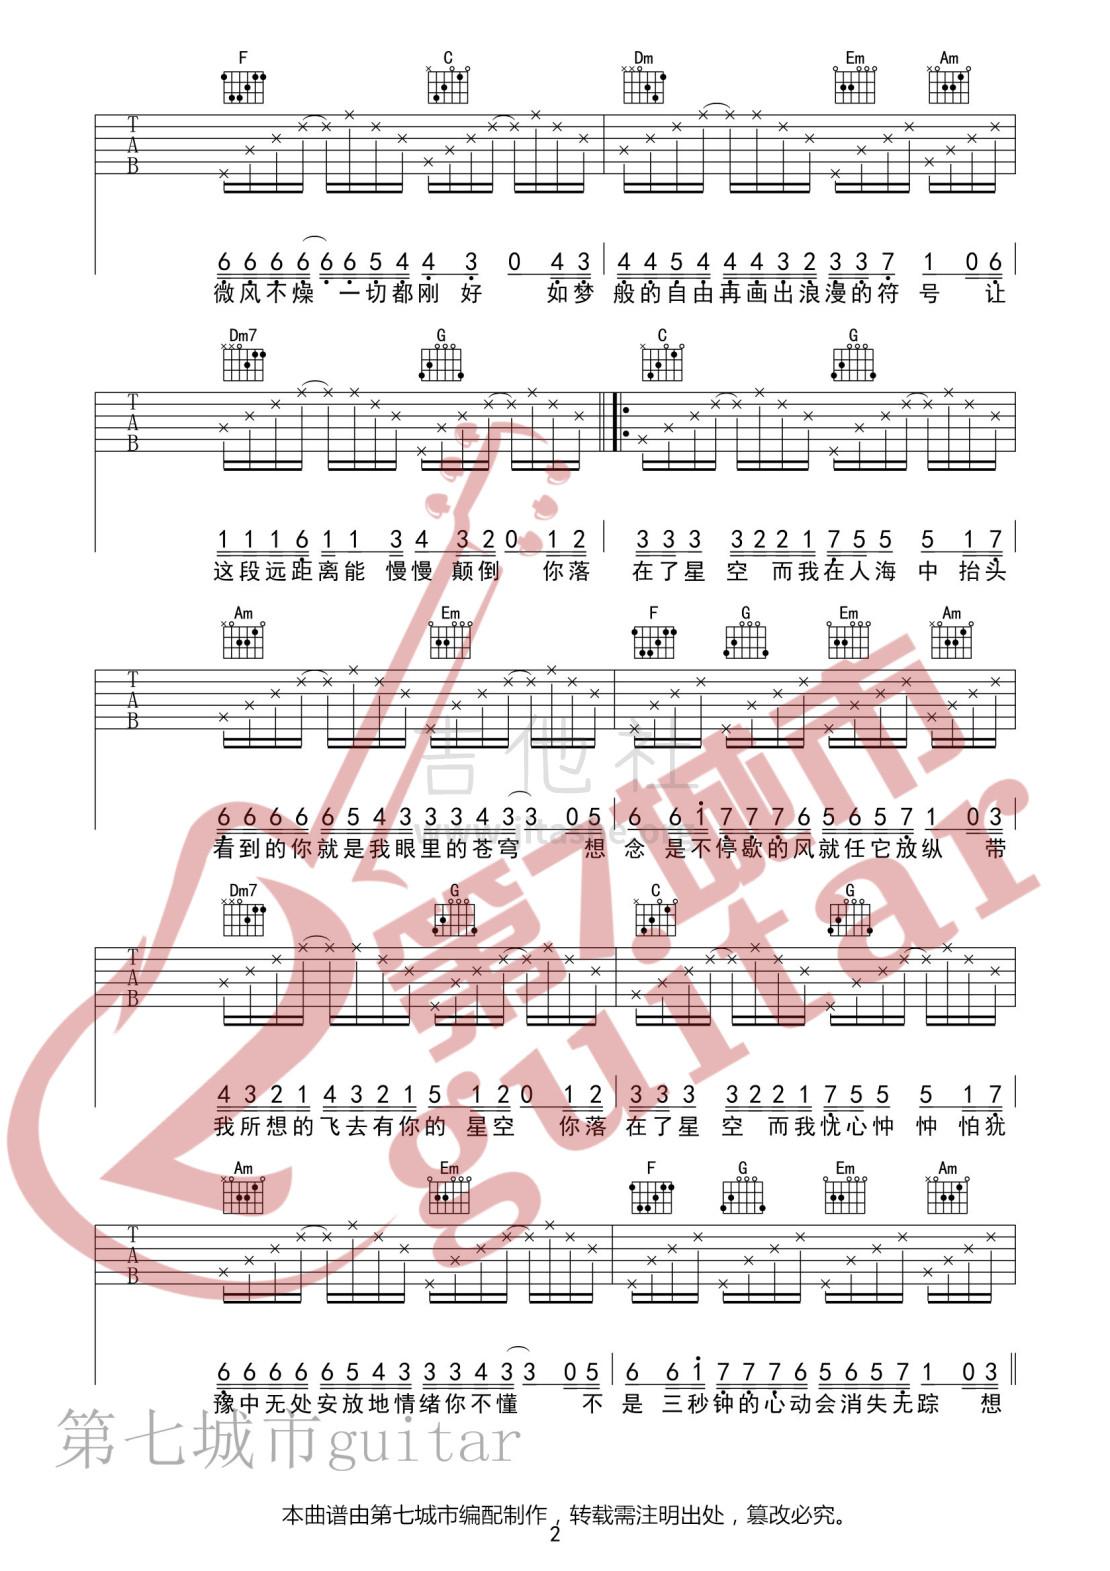 奔赴星空吉他谱(图片谱,第七城市编配,原版,弹唱)_尹昔眠_奔赴星空水印02.jpg